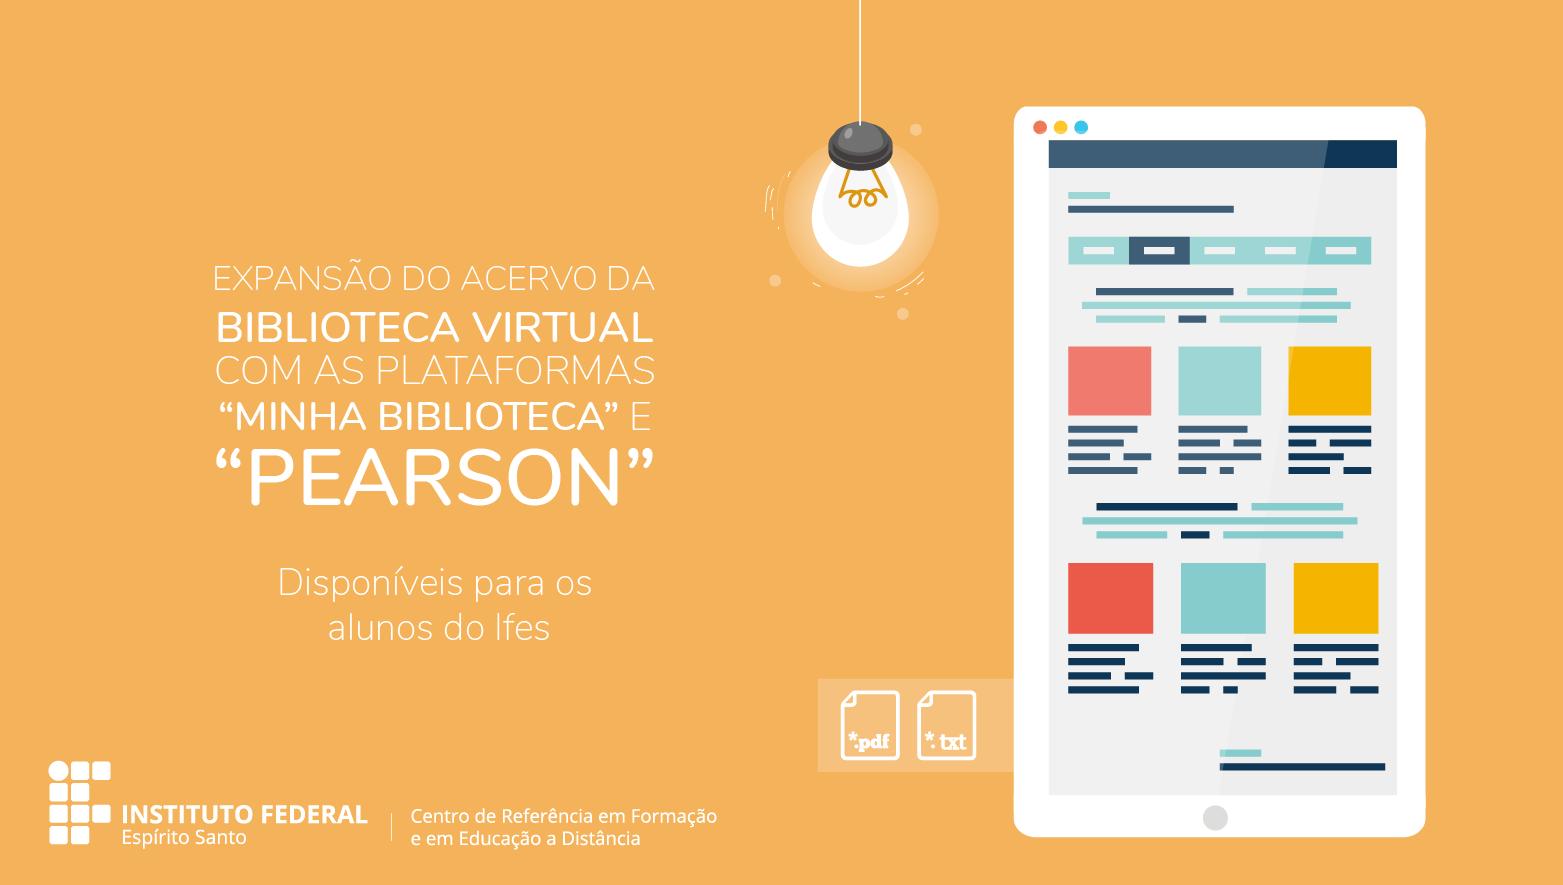 Novas plataformas são inseridas na Biblioteca Virtual do Ifes